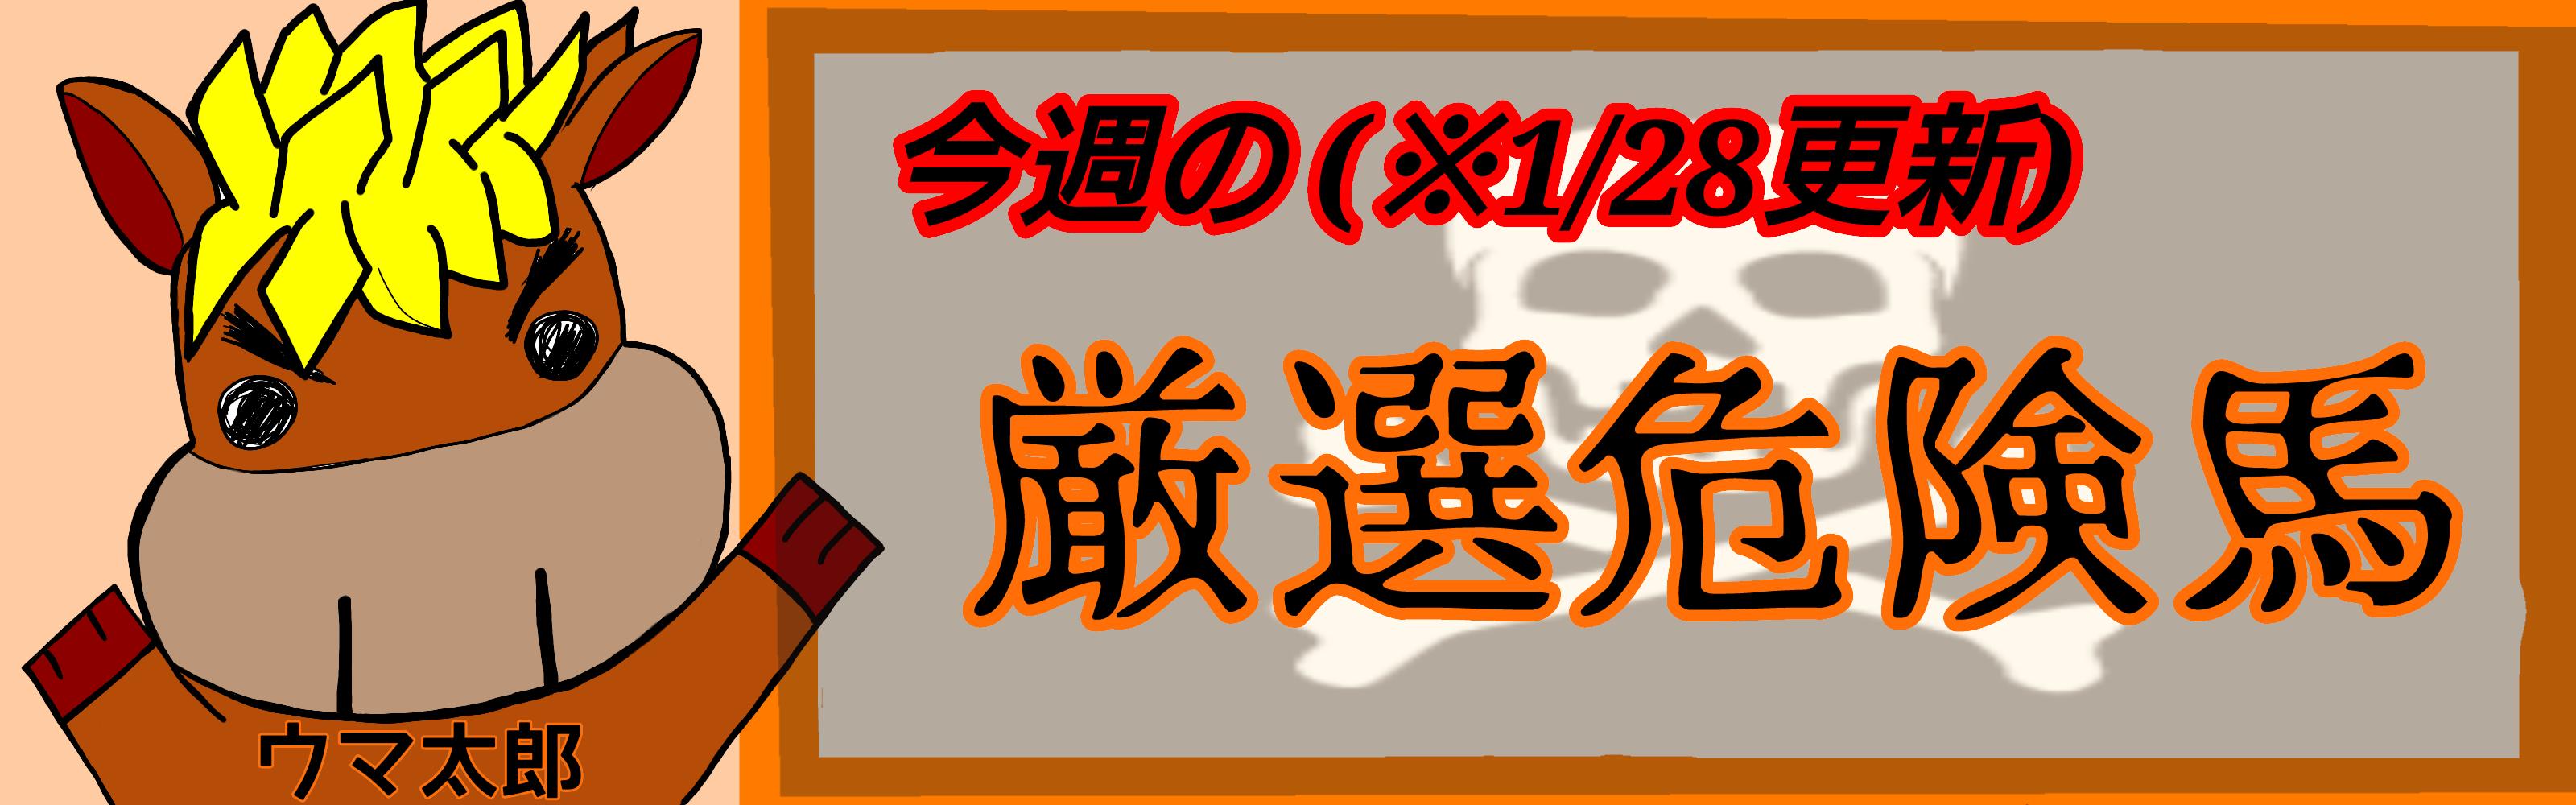 ※1/28更新 今週の厳選危険馬